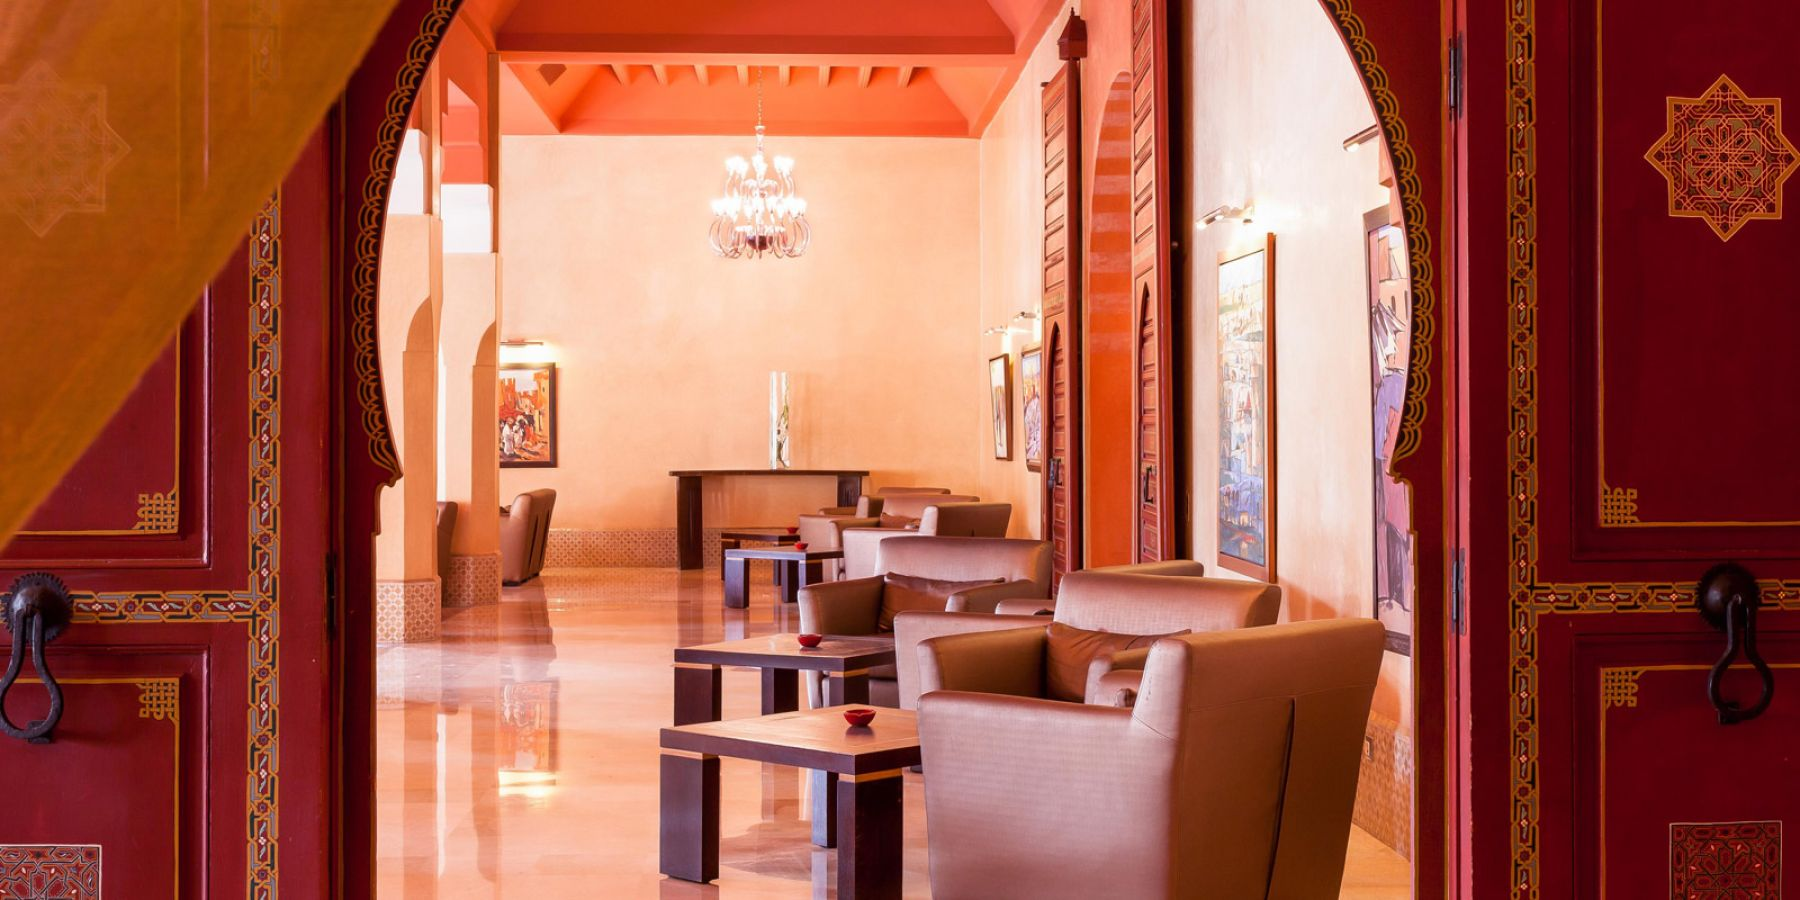 Contact | Hotels Atlas 5 Stars Marrakech